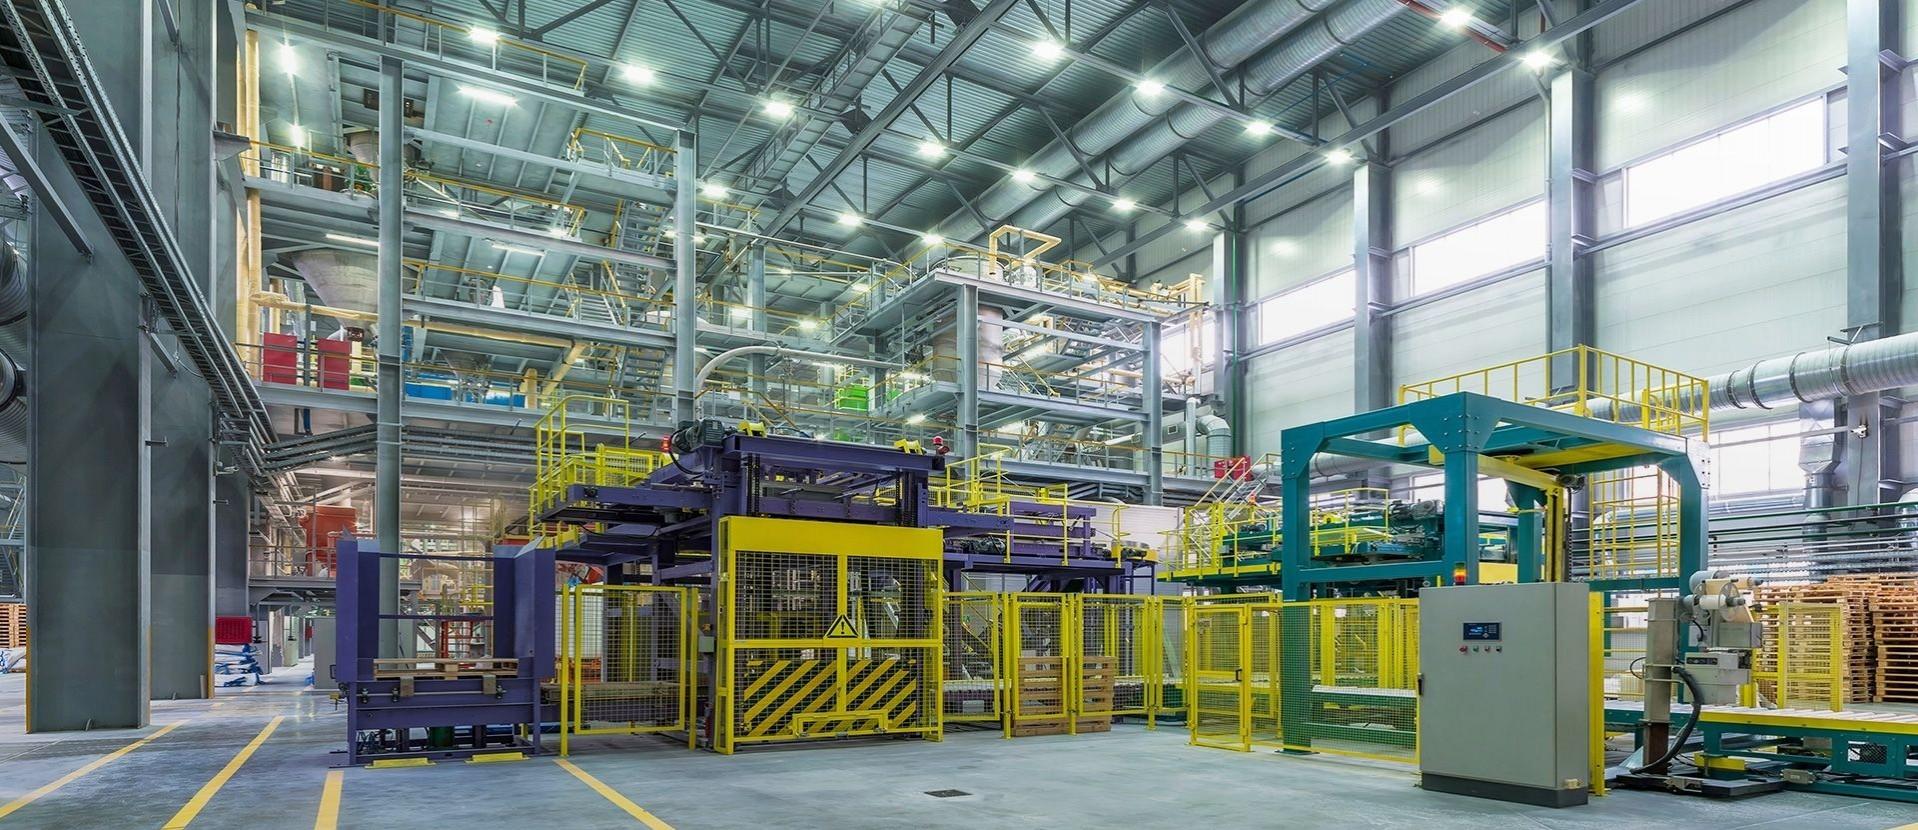 Iluminación de los espacios industriales